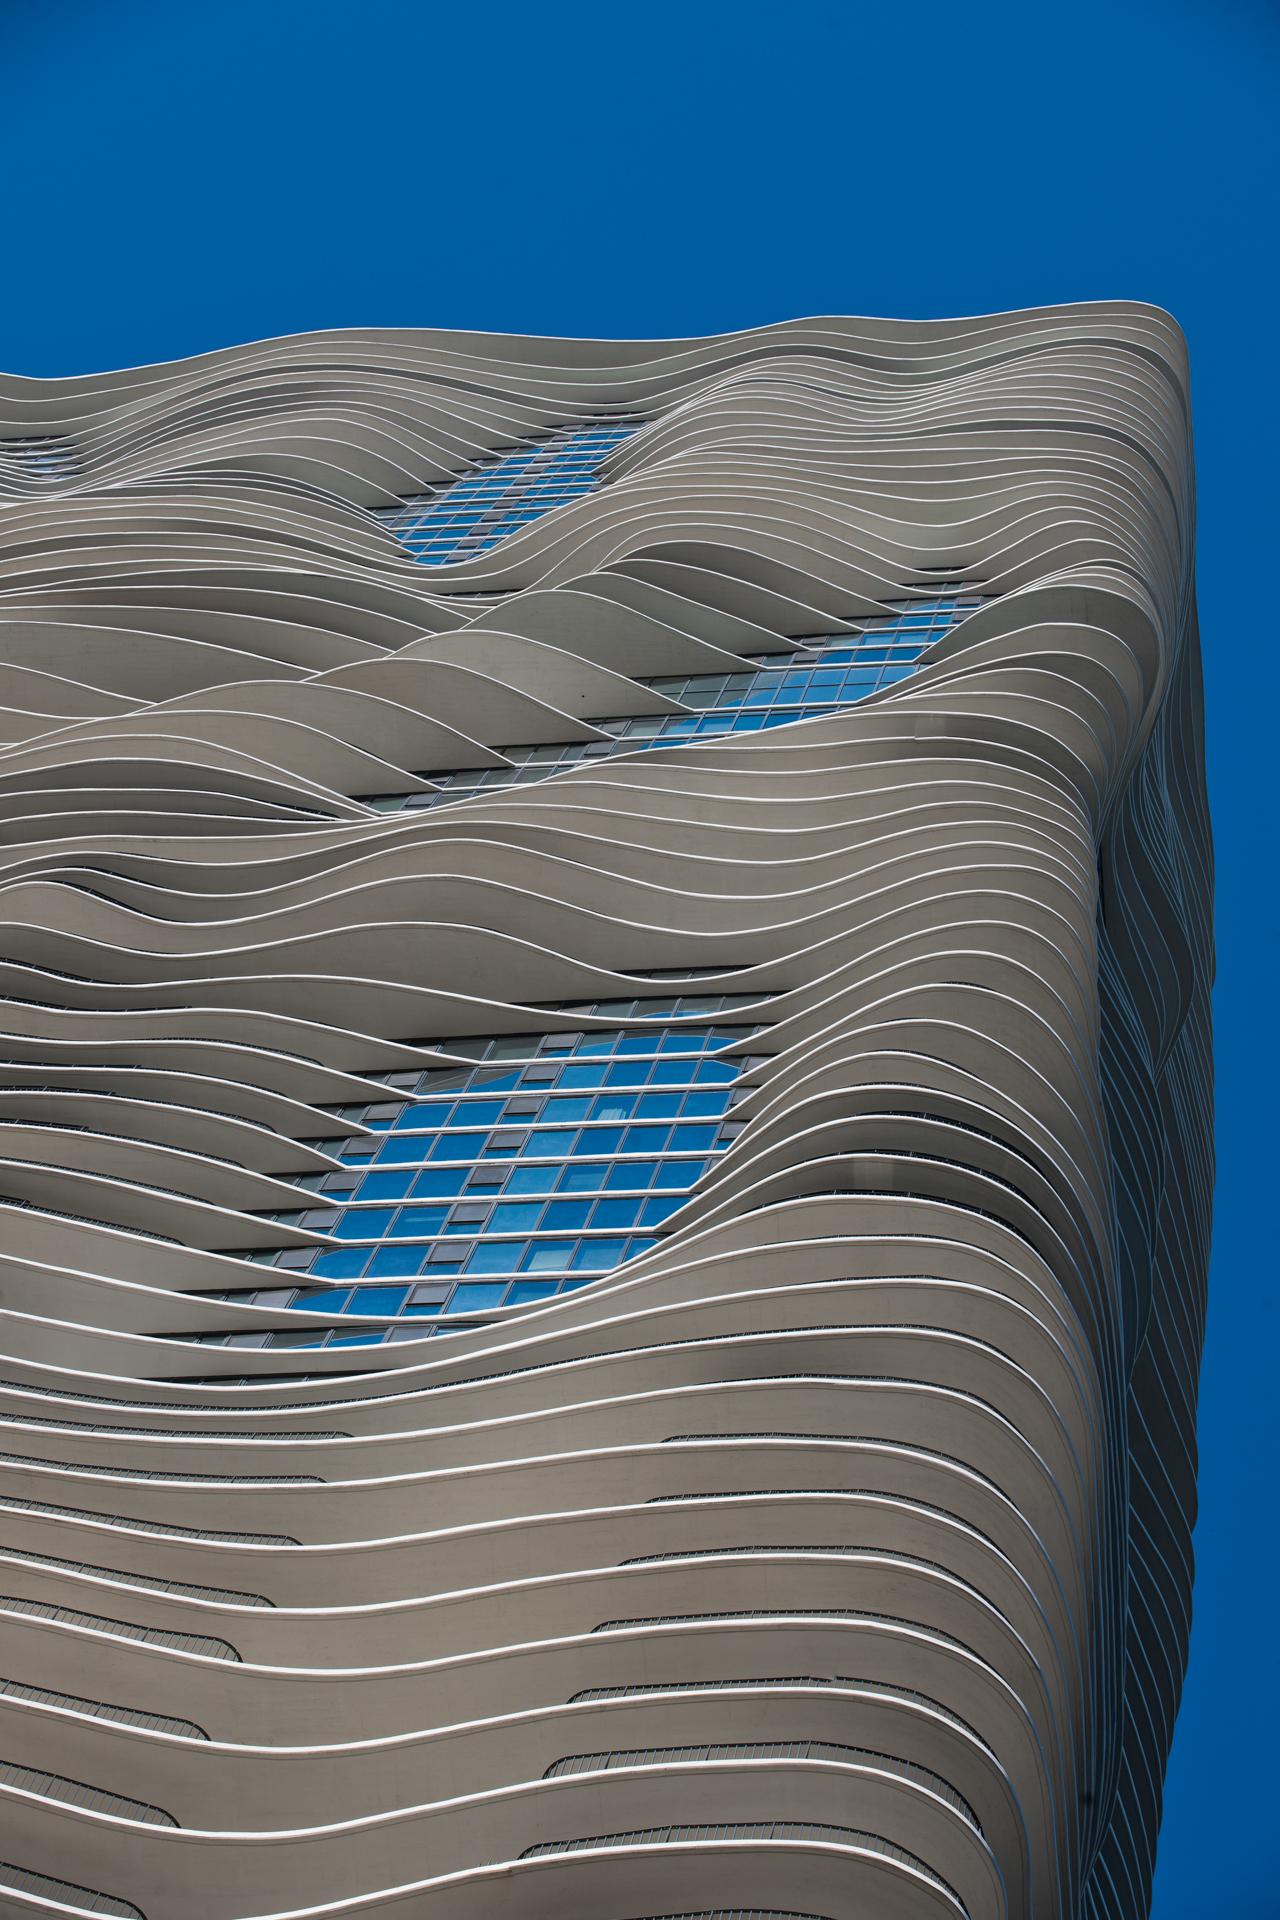 Fachada de la torre Aqua de Chicago. Foto: cortesía del hotel Radisson Blu Aqua.